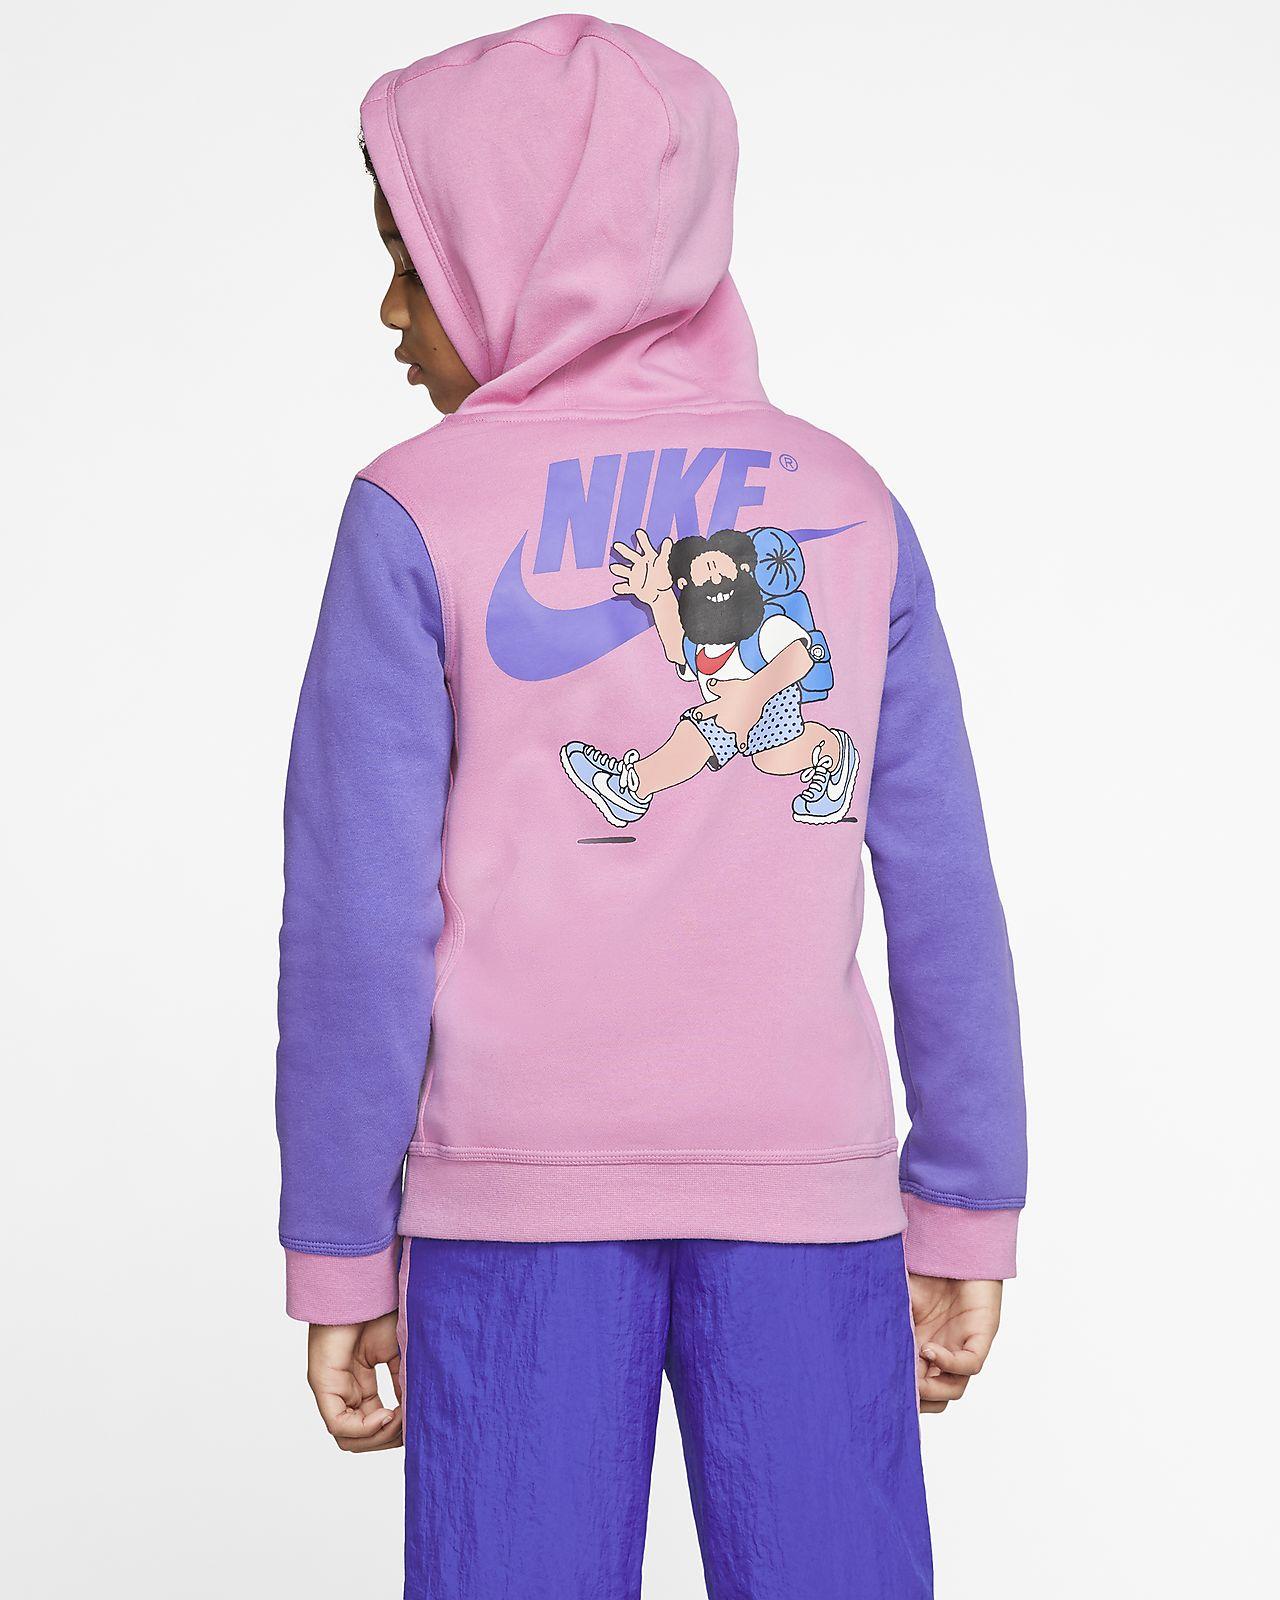 nike hoodie purple